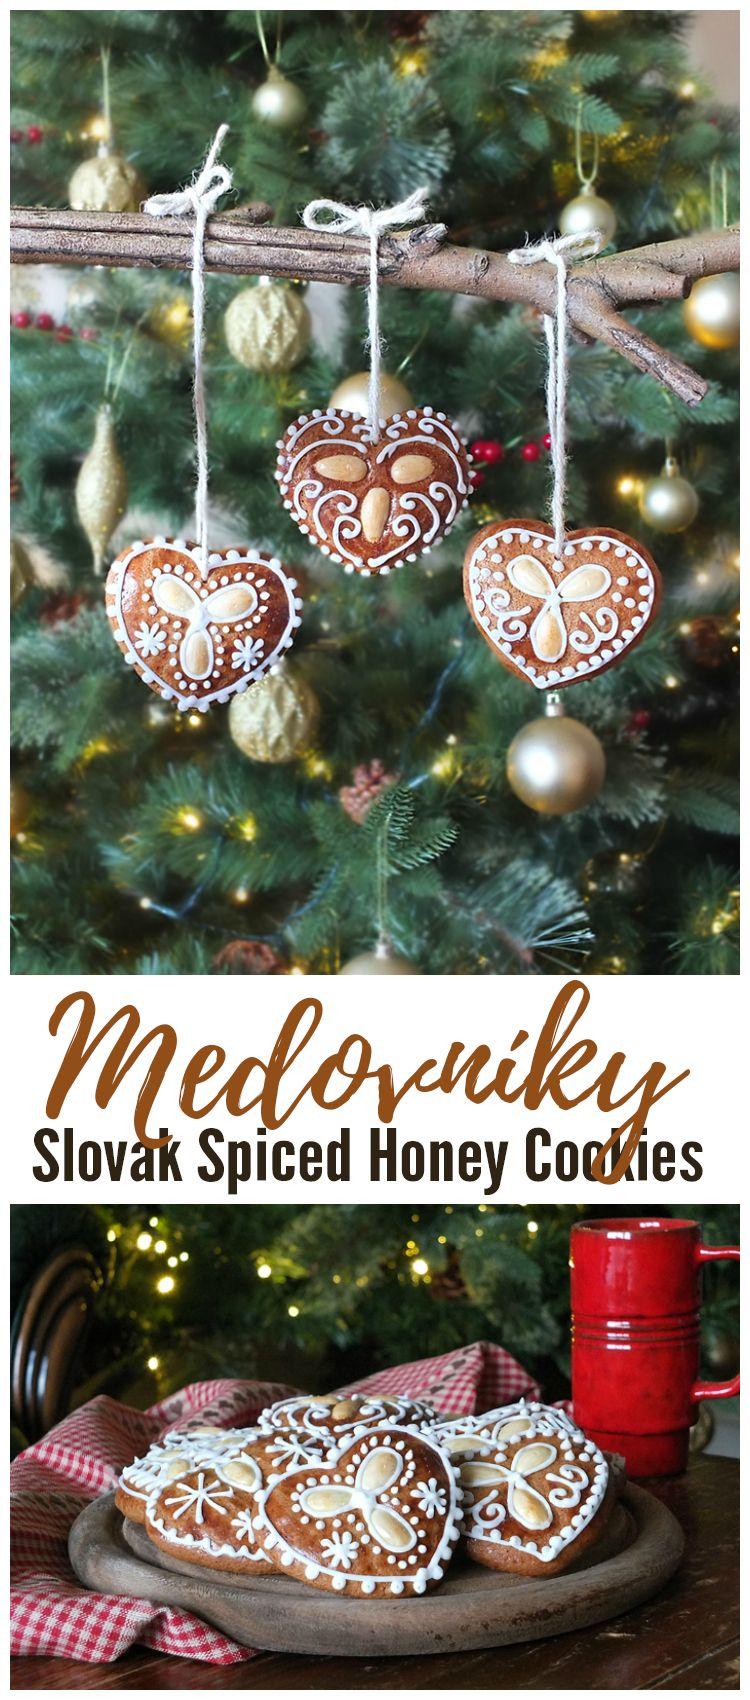 Medovniky A Slovak Spiced Honey Cookie Recipe Recipes From